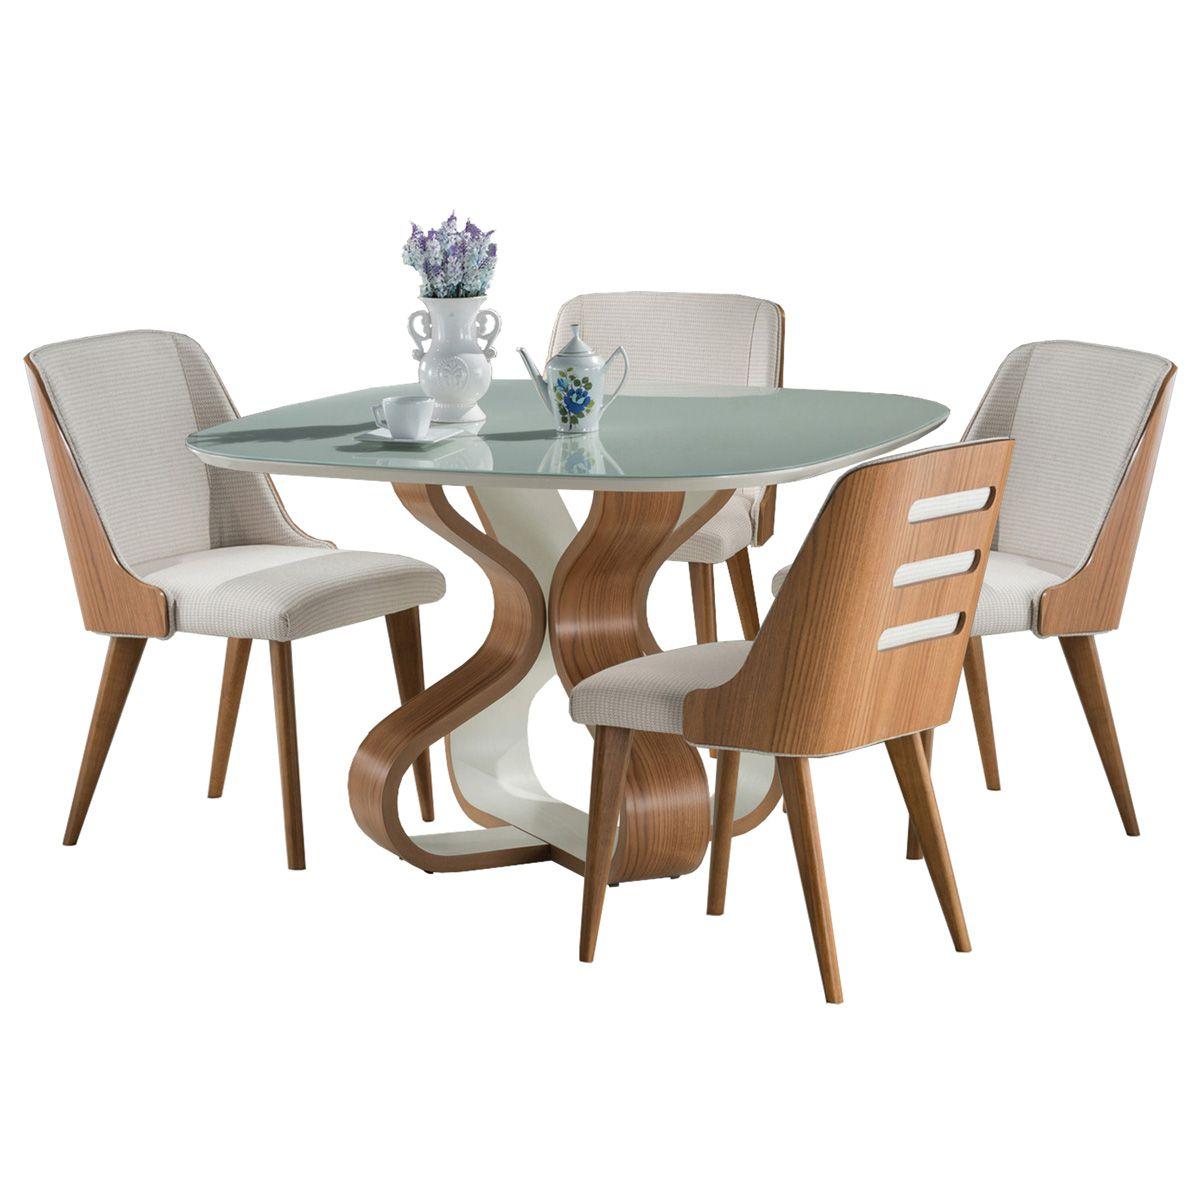 Jogo Mesa de Jantar Bruxelas Quadrada e 4 Cadeiras Binche Estofadas